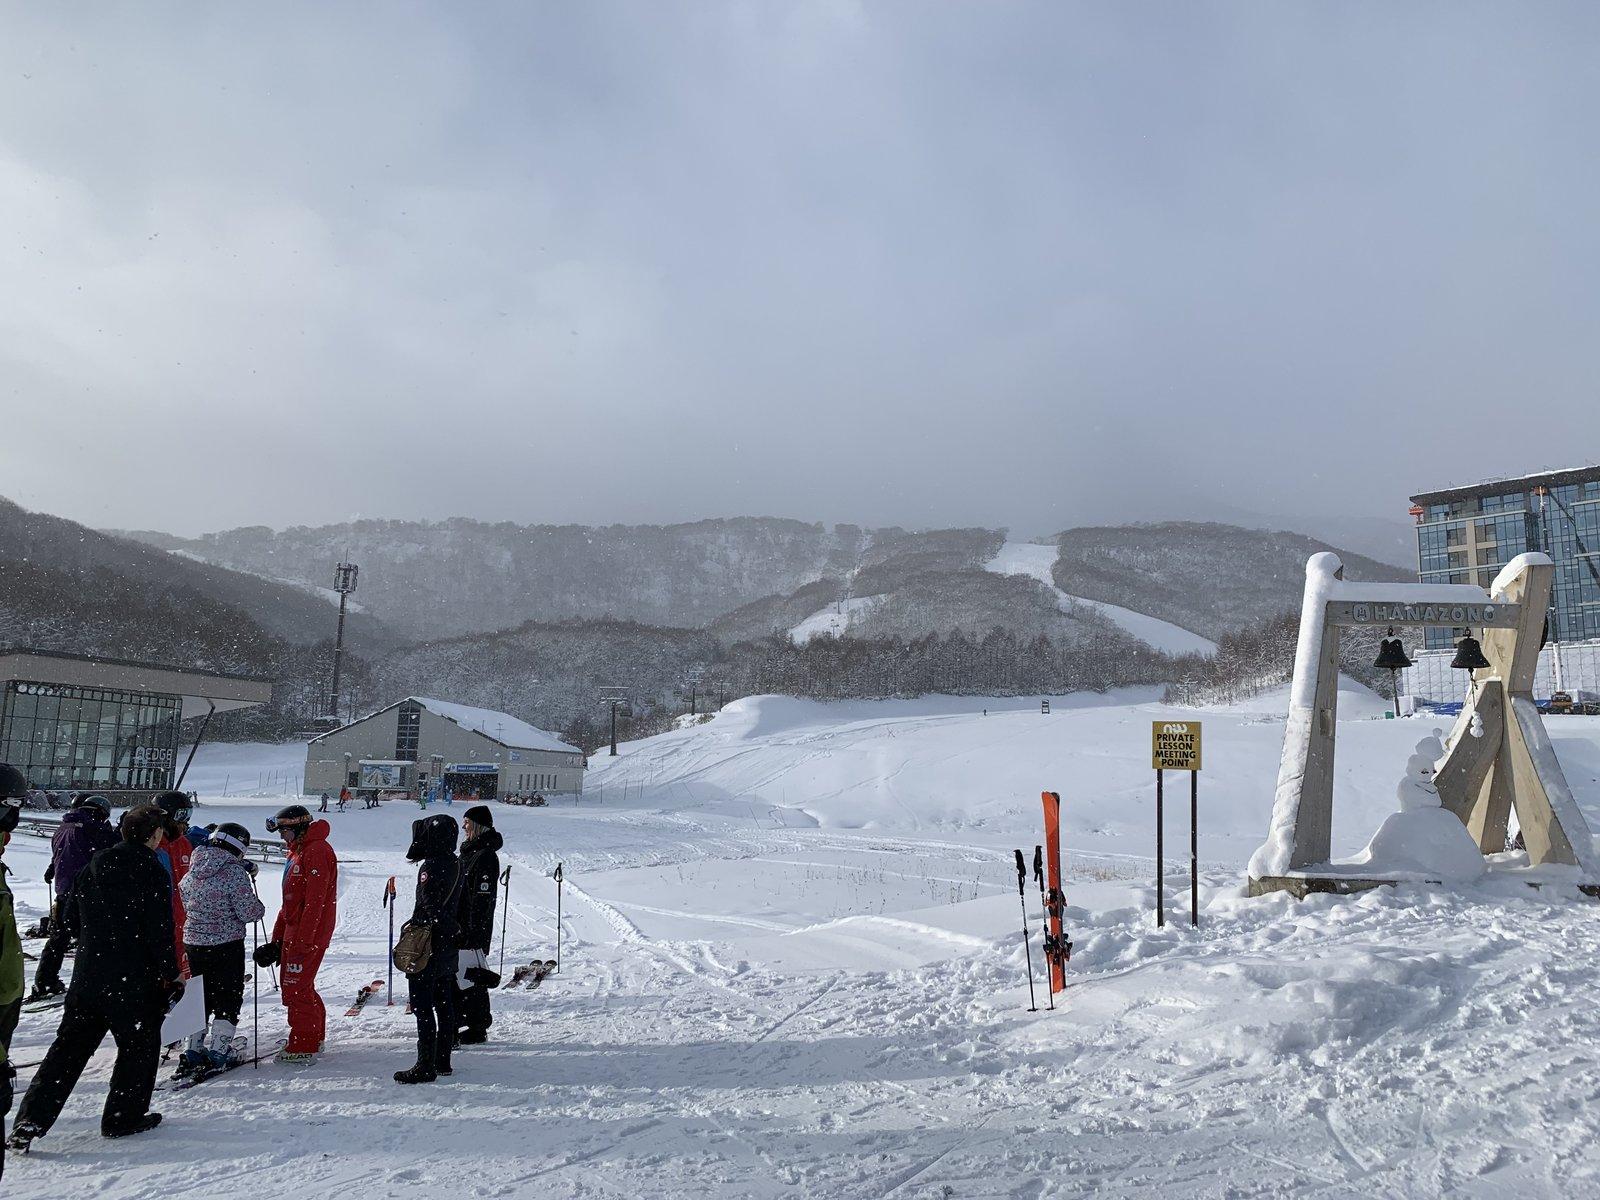 HANAZONOスキー場でスキーレッスンに参加する人々